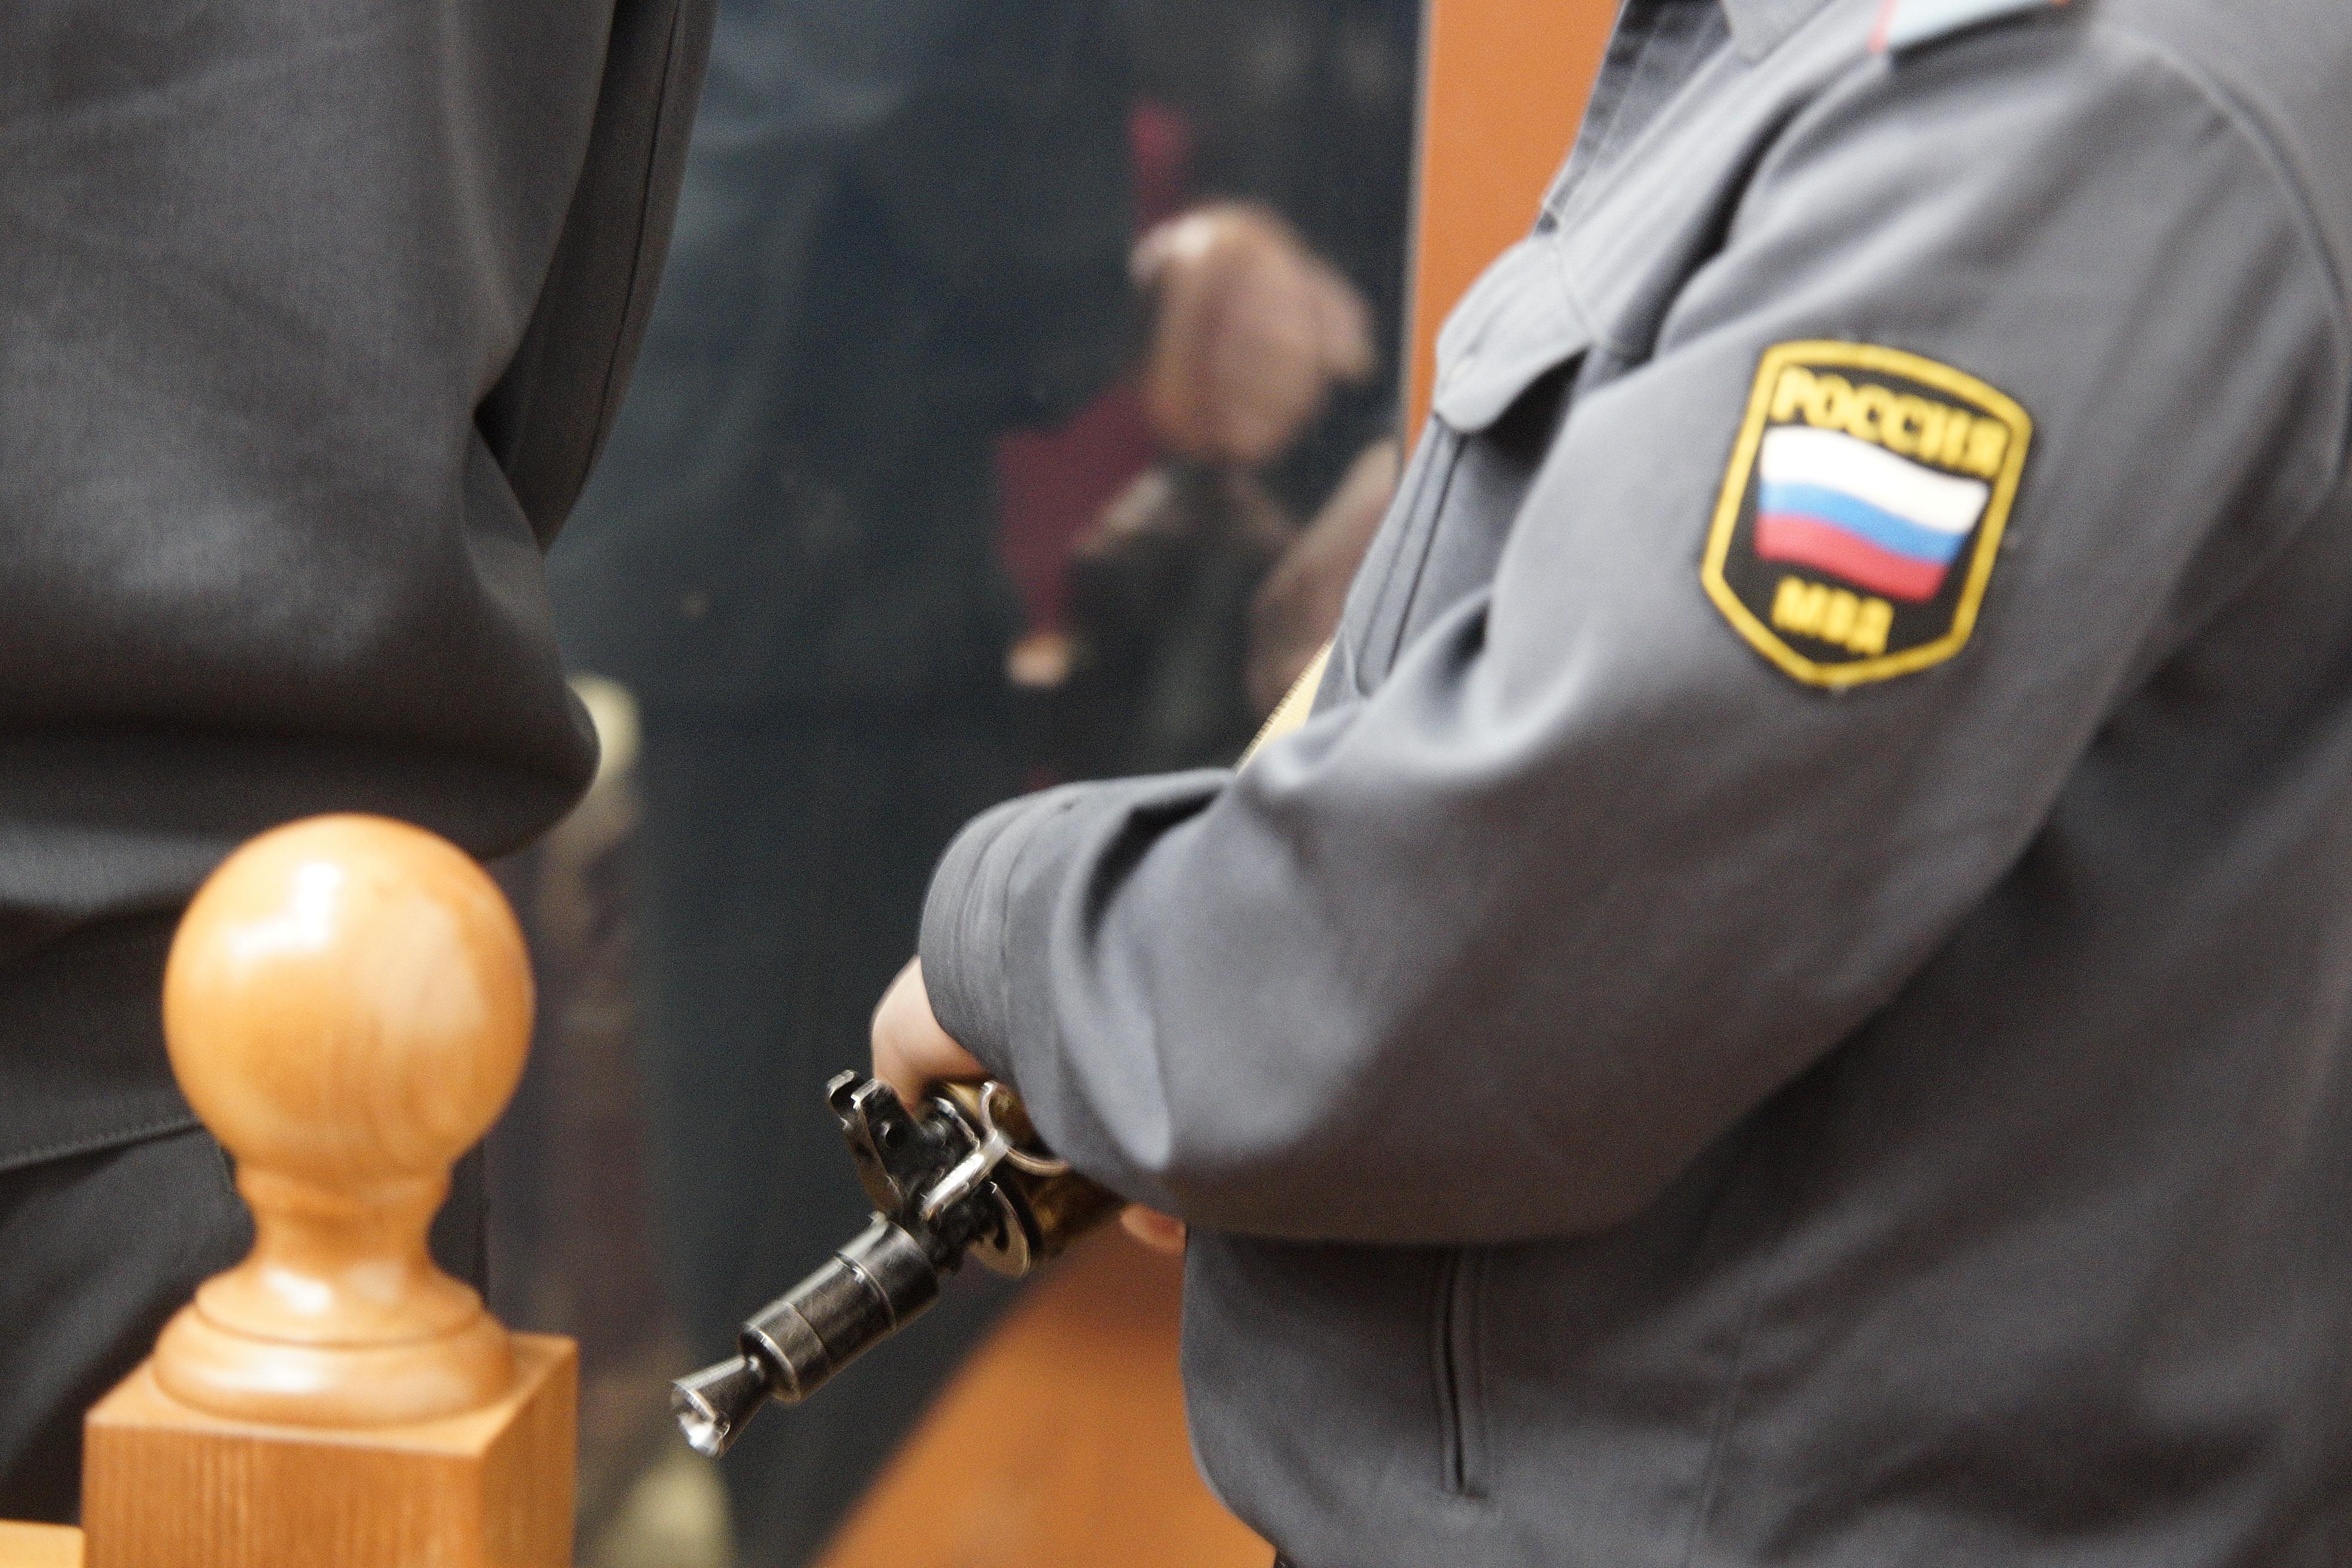 ВЕкатеринбурге осужден мошенник, оформлявший кредиты набомжей